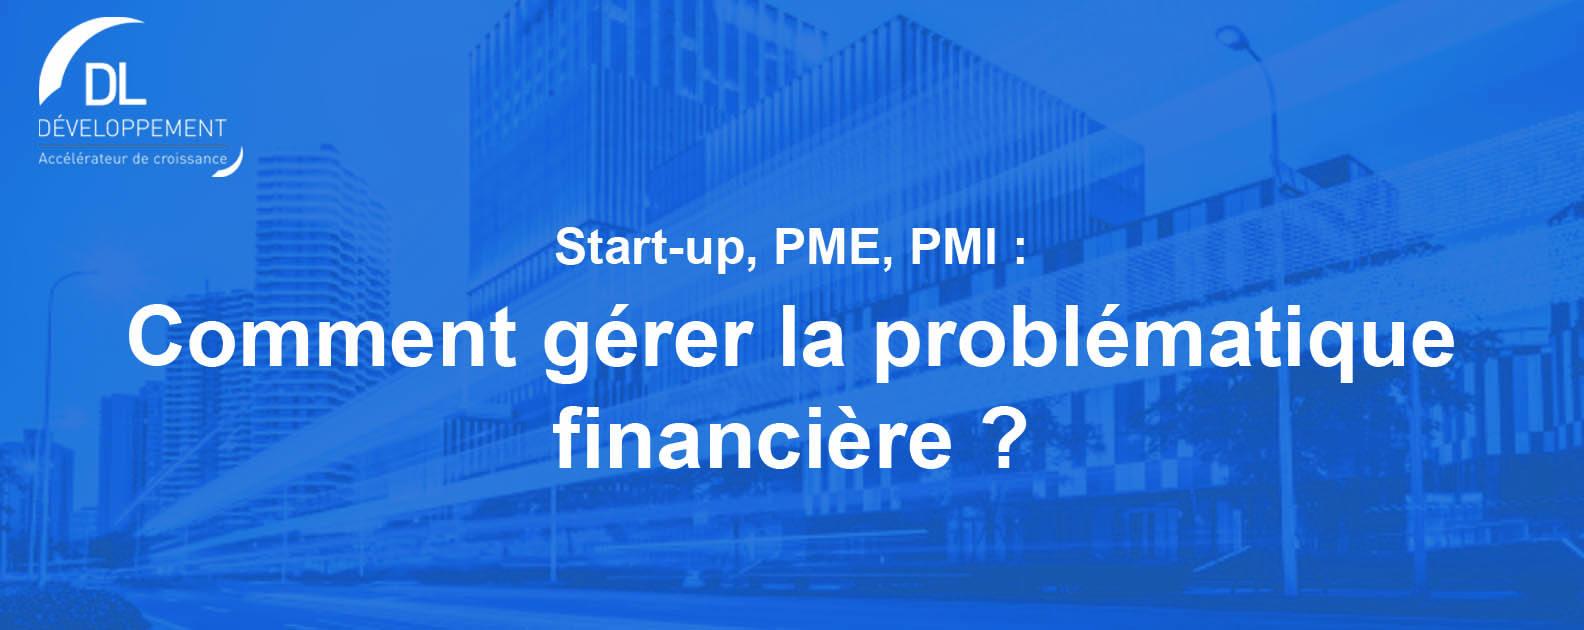 Blog : START-UP, PME/PMI : Comment gérer la problématique financière ?